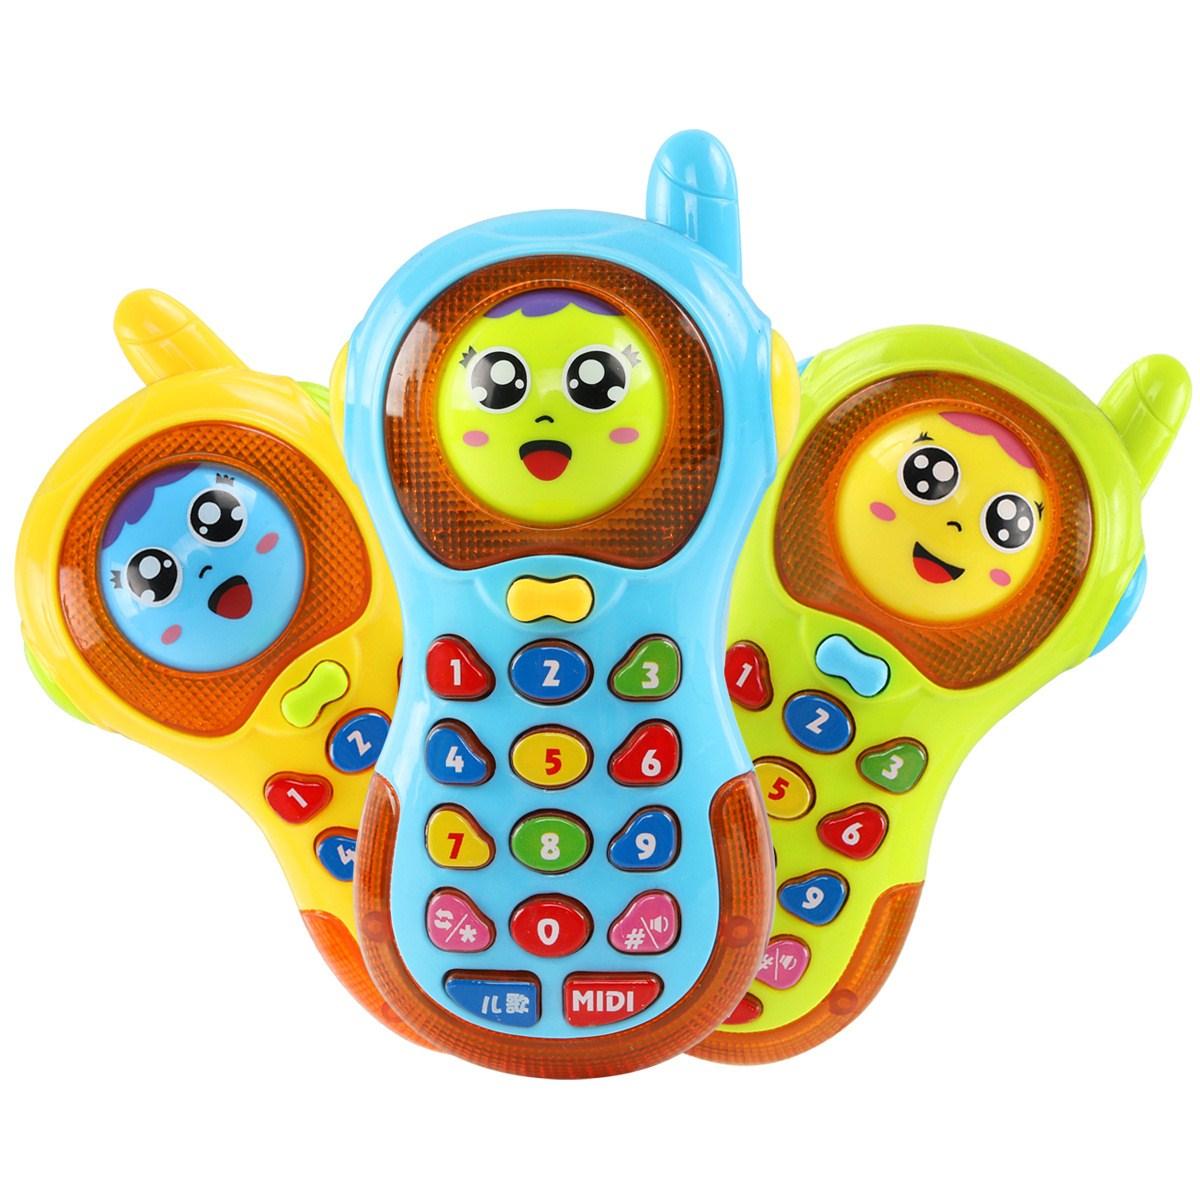 玩具手机0-3岁儿童音乐手机玩具电话智能男孩女孩益智带灯光歌曲